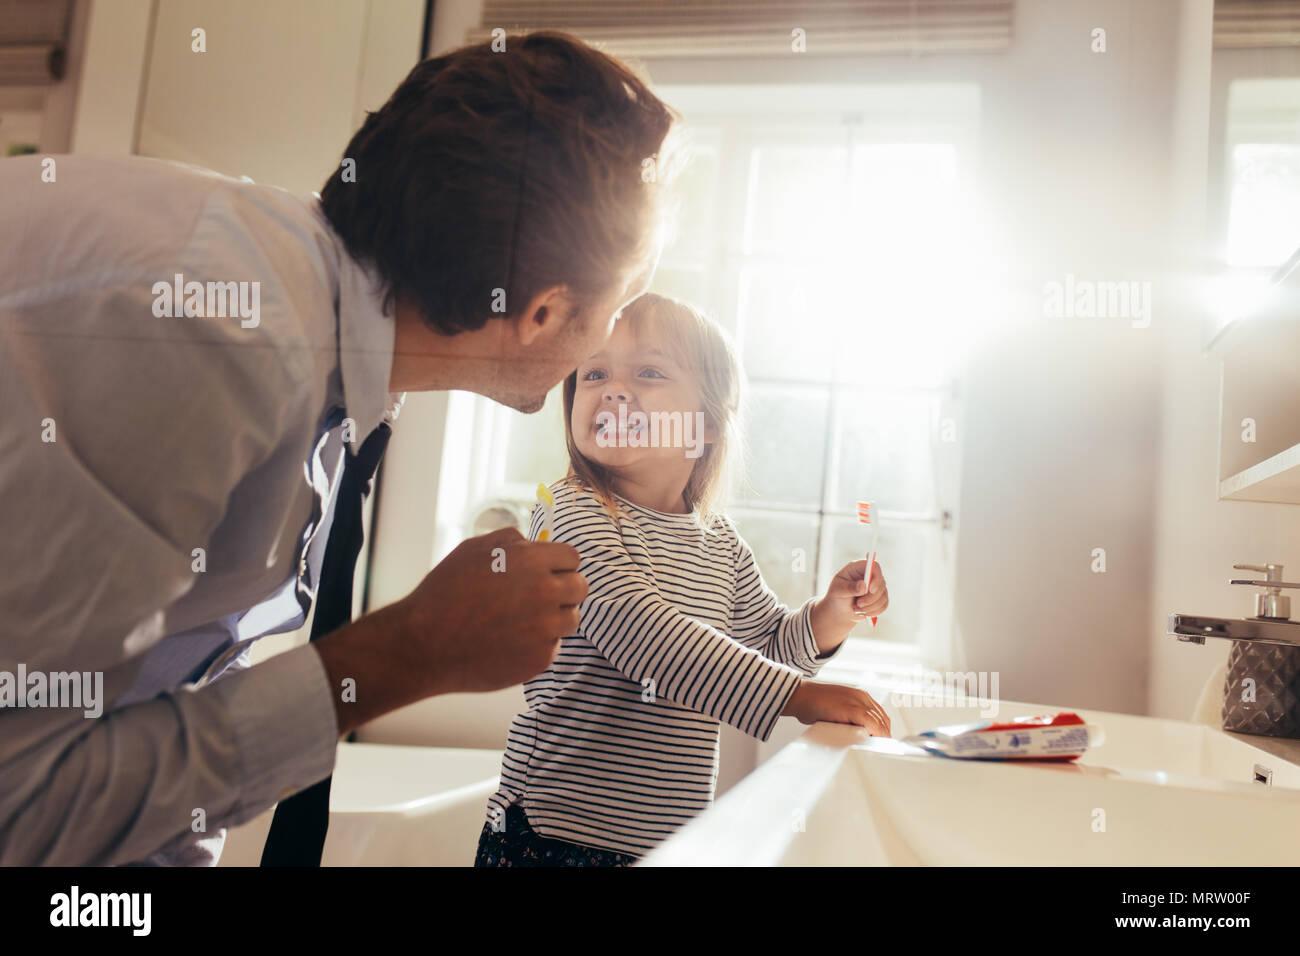 Père et fille se brosser les dents dans la salle de bains et permanent à la recherche à l'autre. L'enseignement de l'homme sa fille comment brosser les dents. Photo Stock